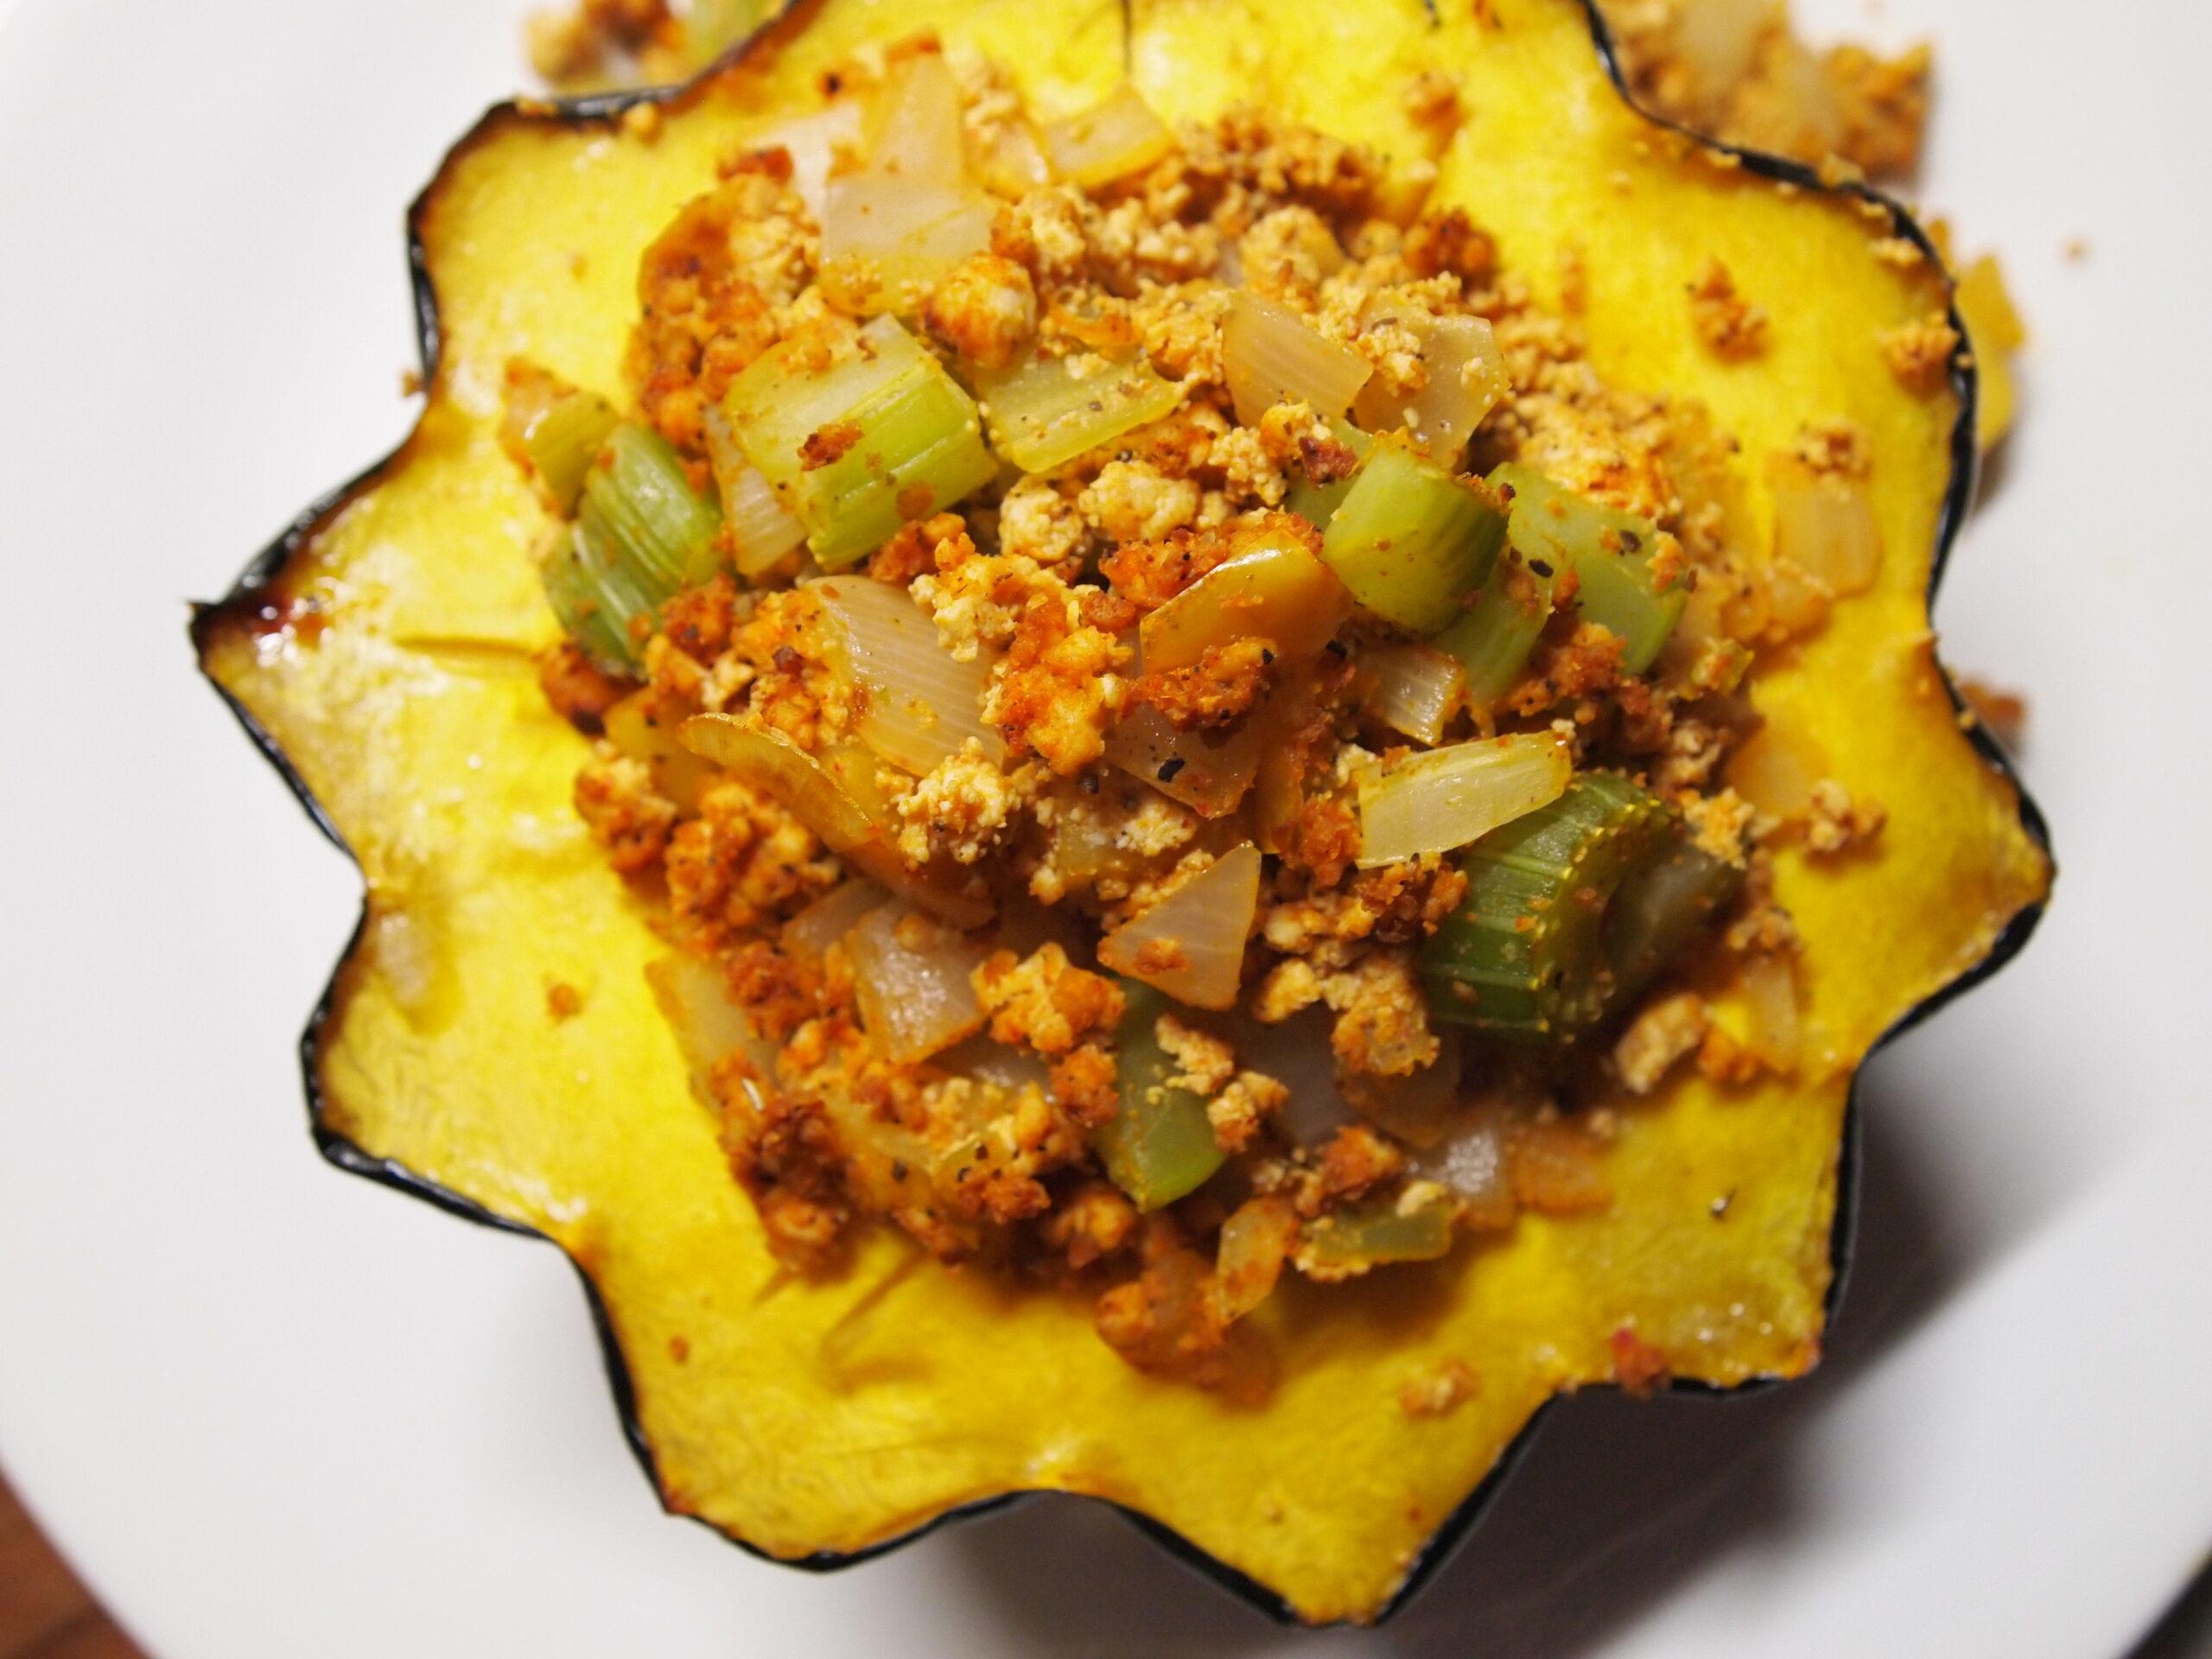 Fall Recipes – Roasted Stuffed Acorn Squash